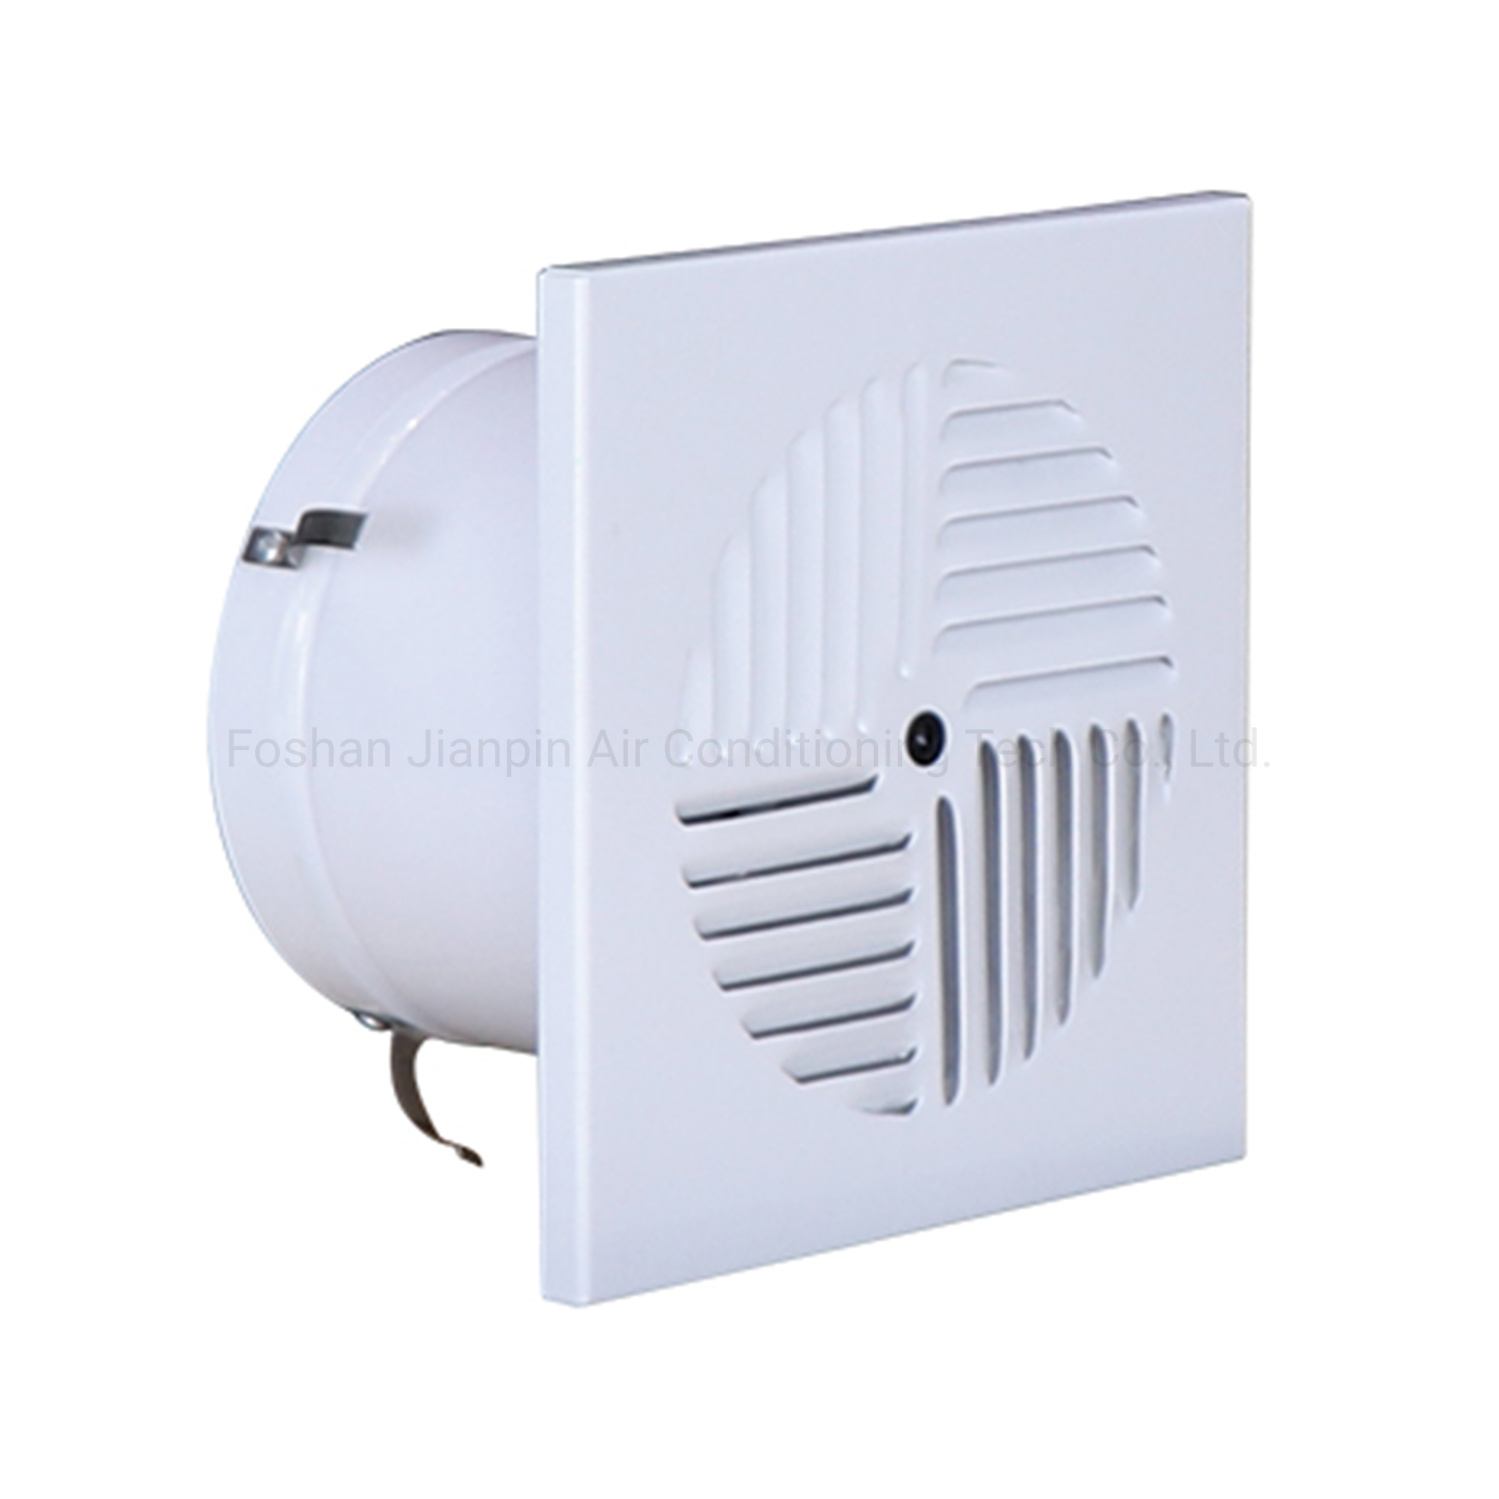 foshan jianpin air conditioning tech co ltd